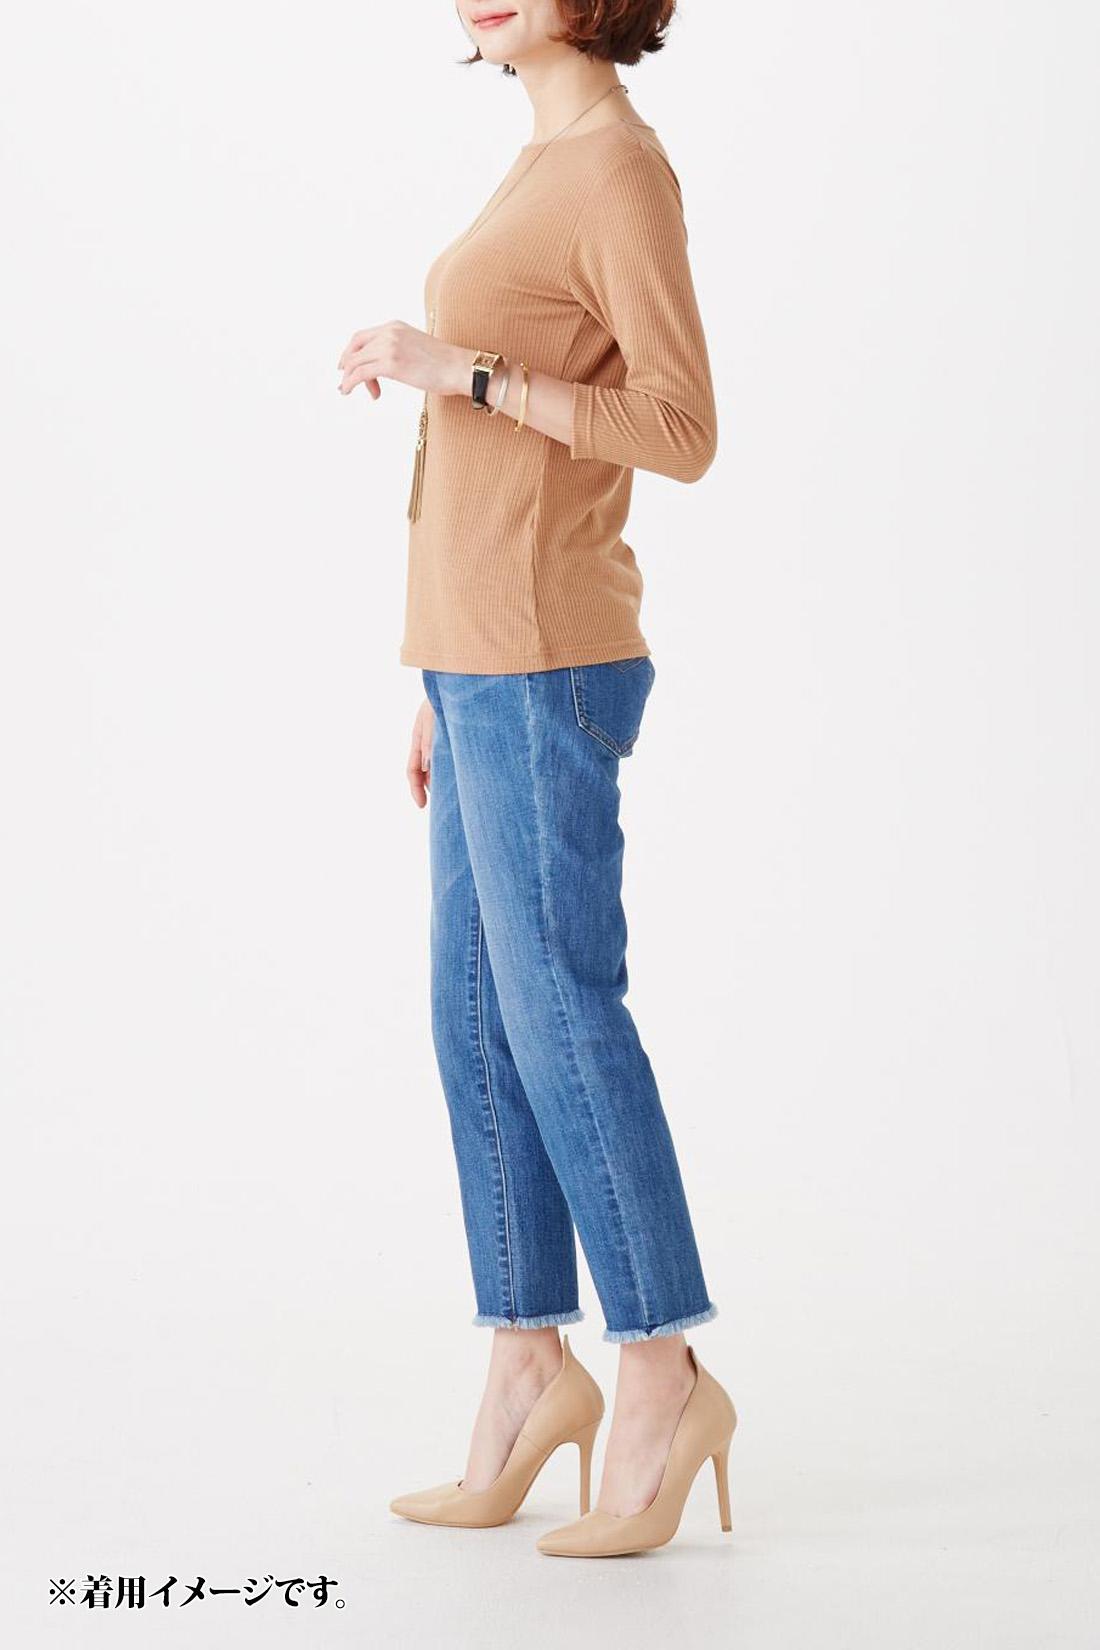 丈感の参考に。 モデル身長:165cm 着用サイズ:M ※お届けするカラーとは異なります。